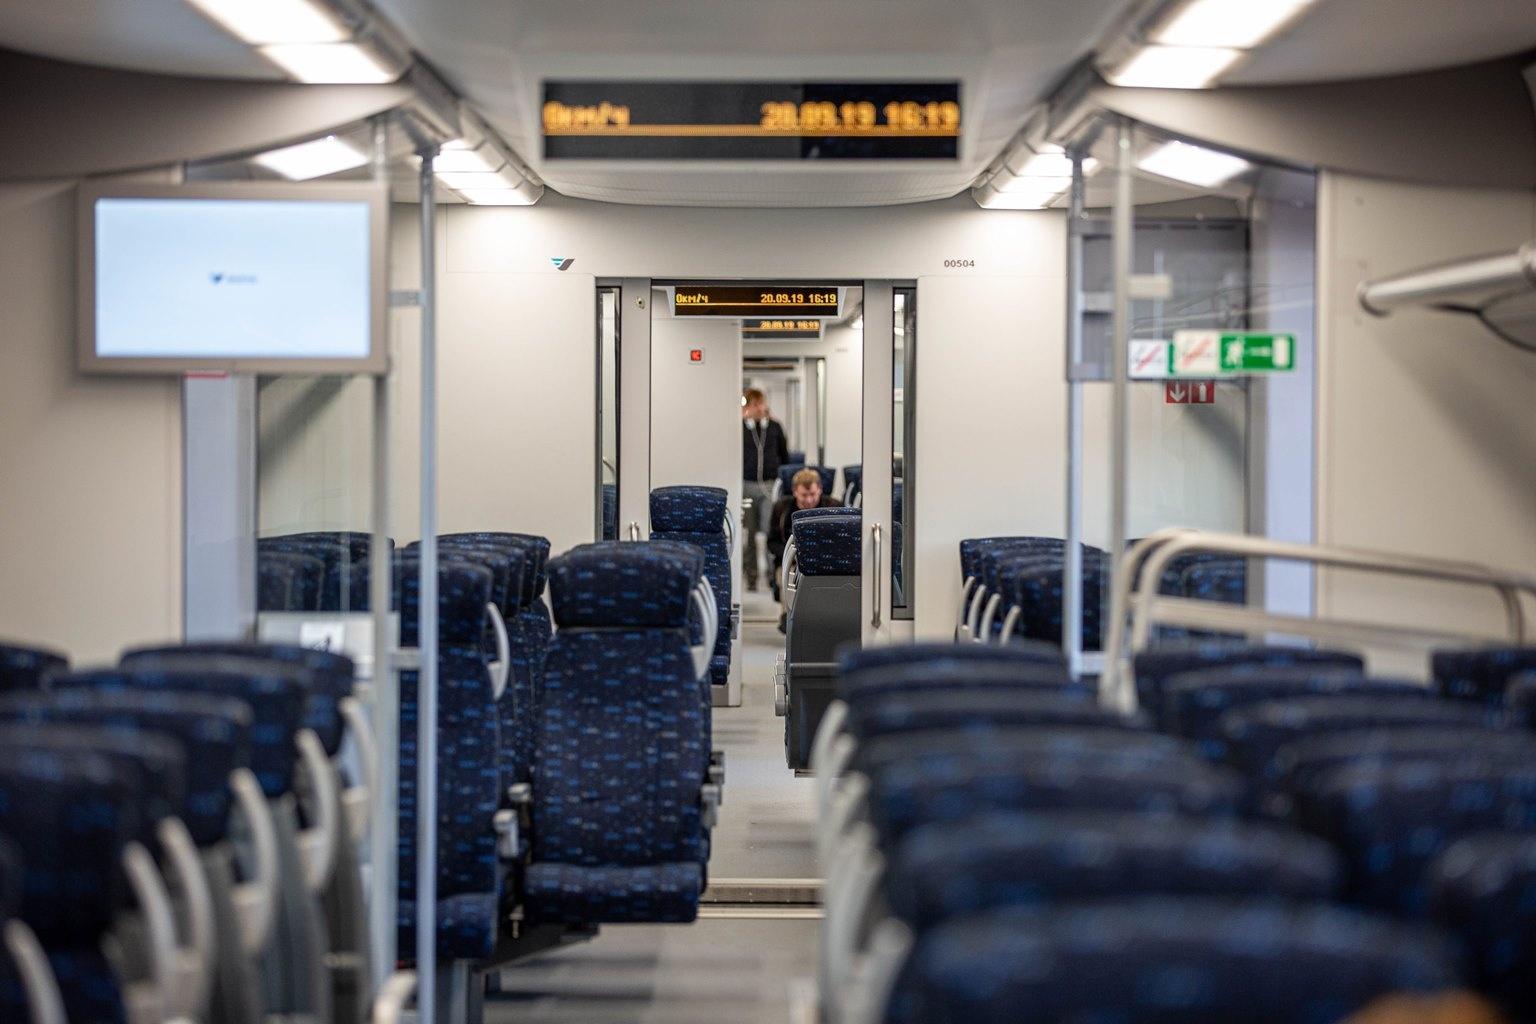 Поезд состоит из пяти вагонов, но между ними нет тамбура — только герметичные двери с огнестойким стеклом, которые плотно зафиксировали (они больше не хлопают, как в старых электричках). Сиденья в синей обивке расположены в два ряда: в одном по два кресла, в другом— по три